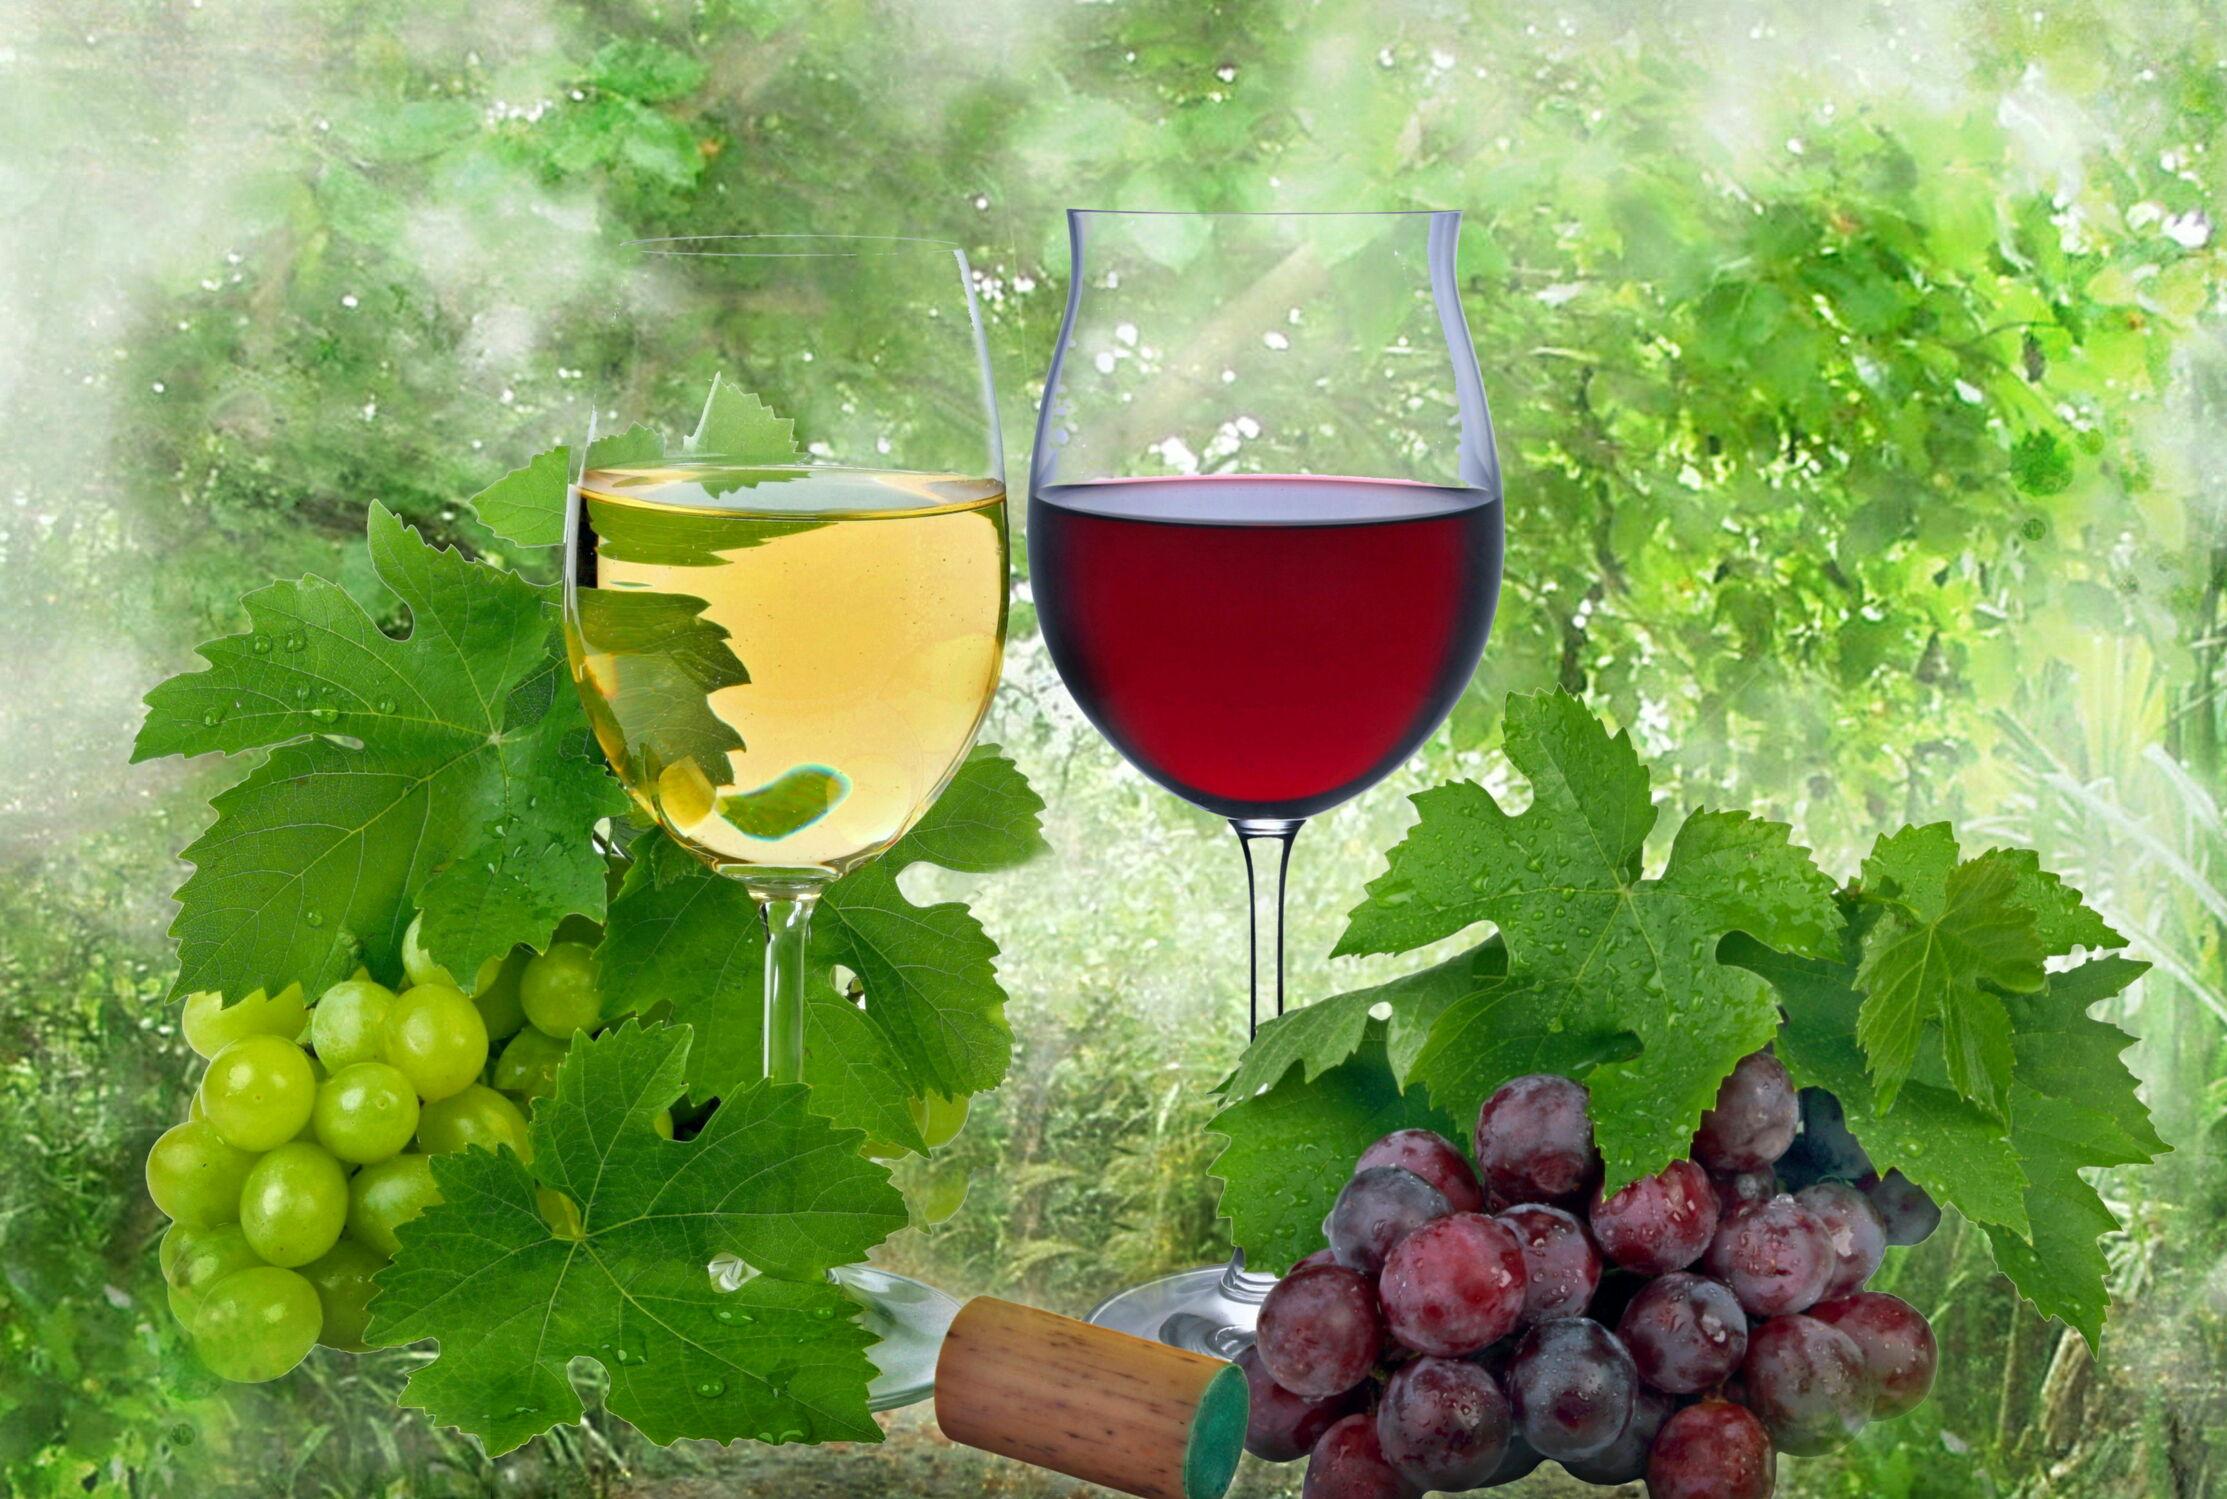 Bild mit Früchte, Frucht, Obst, Weintrauben, Food, Stilleben, Wein, rotwein, weinglas, Weisswein, weißwein, weinblätter, weinlaub, weingläser